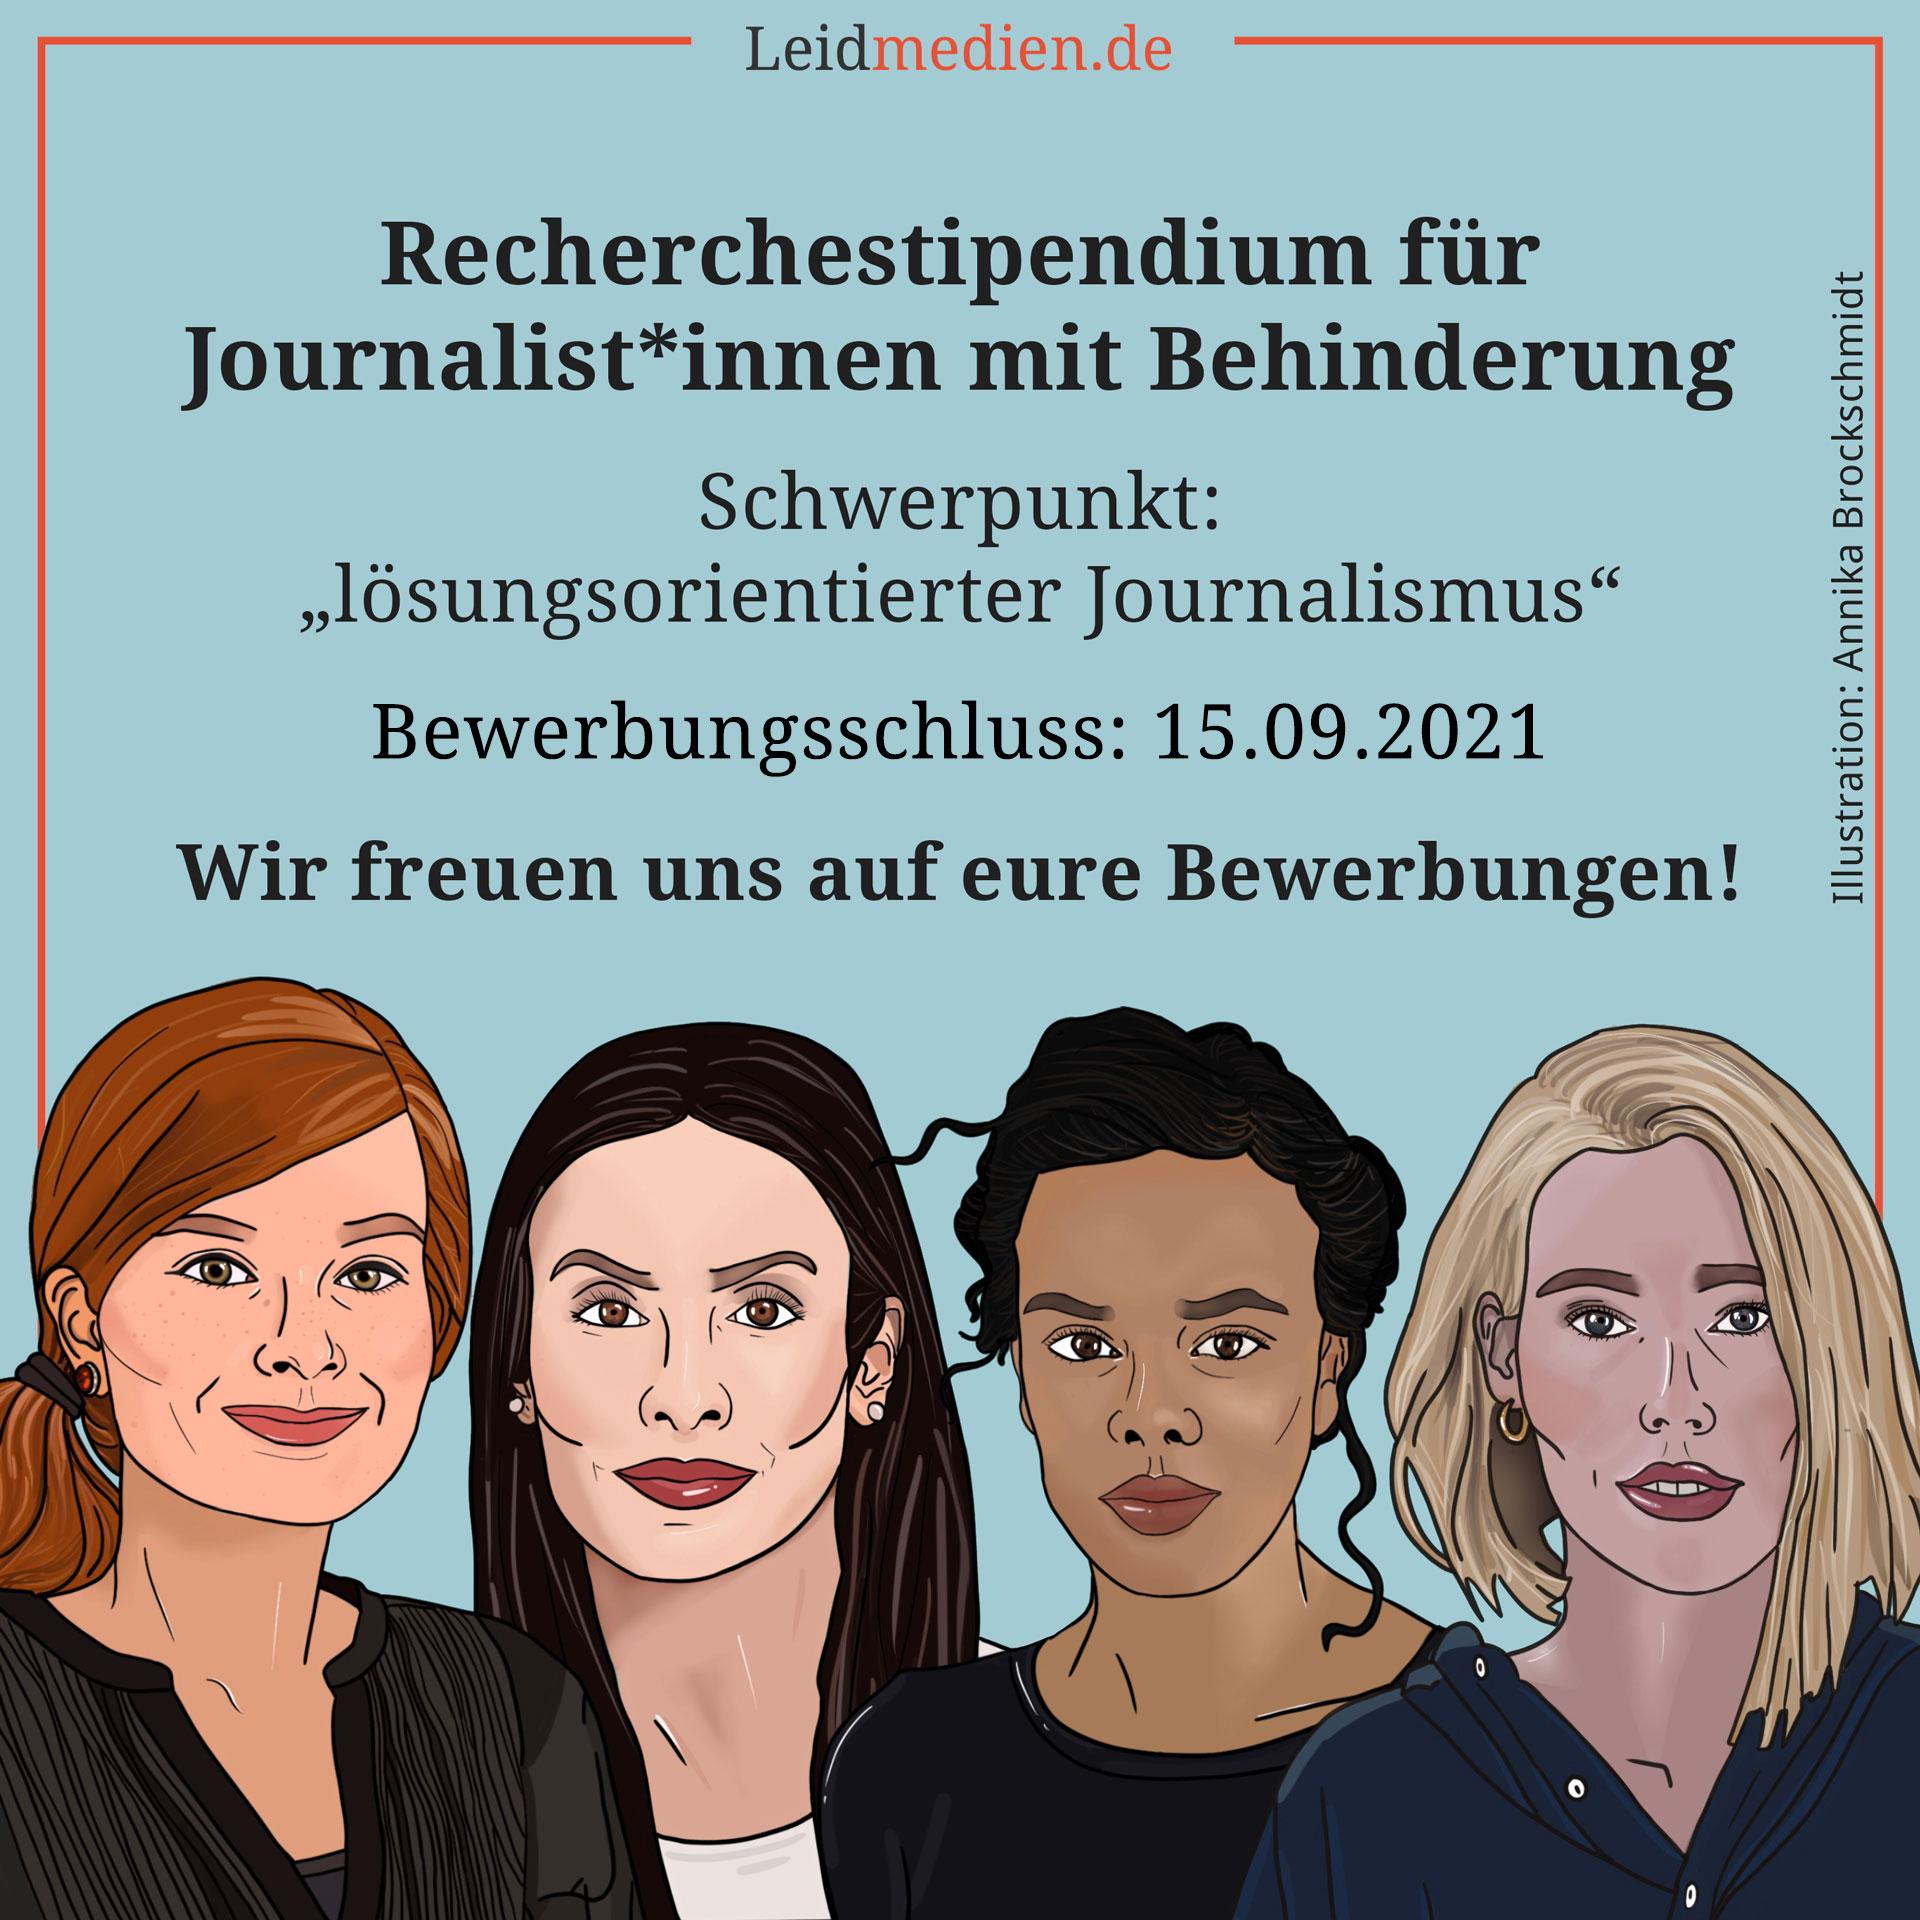 Recherchestipendium für Journalist*innen mit Behinderung 2021